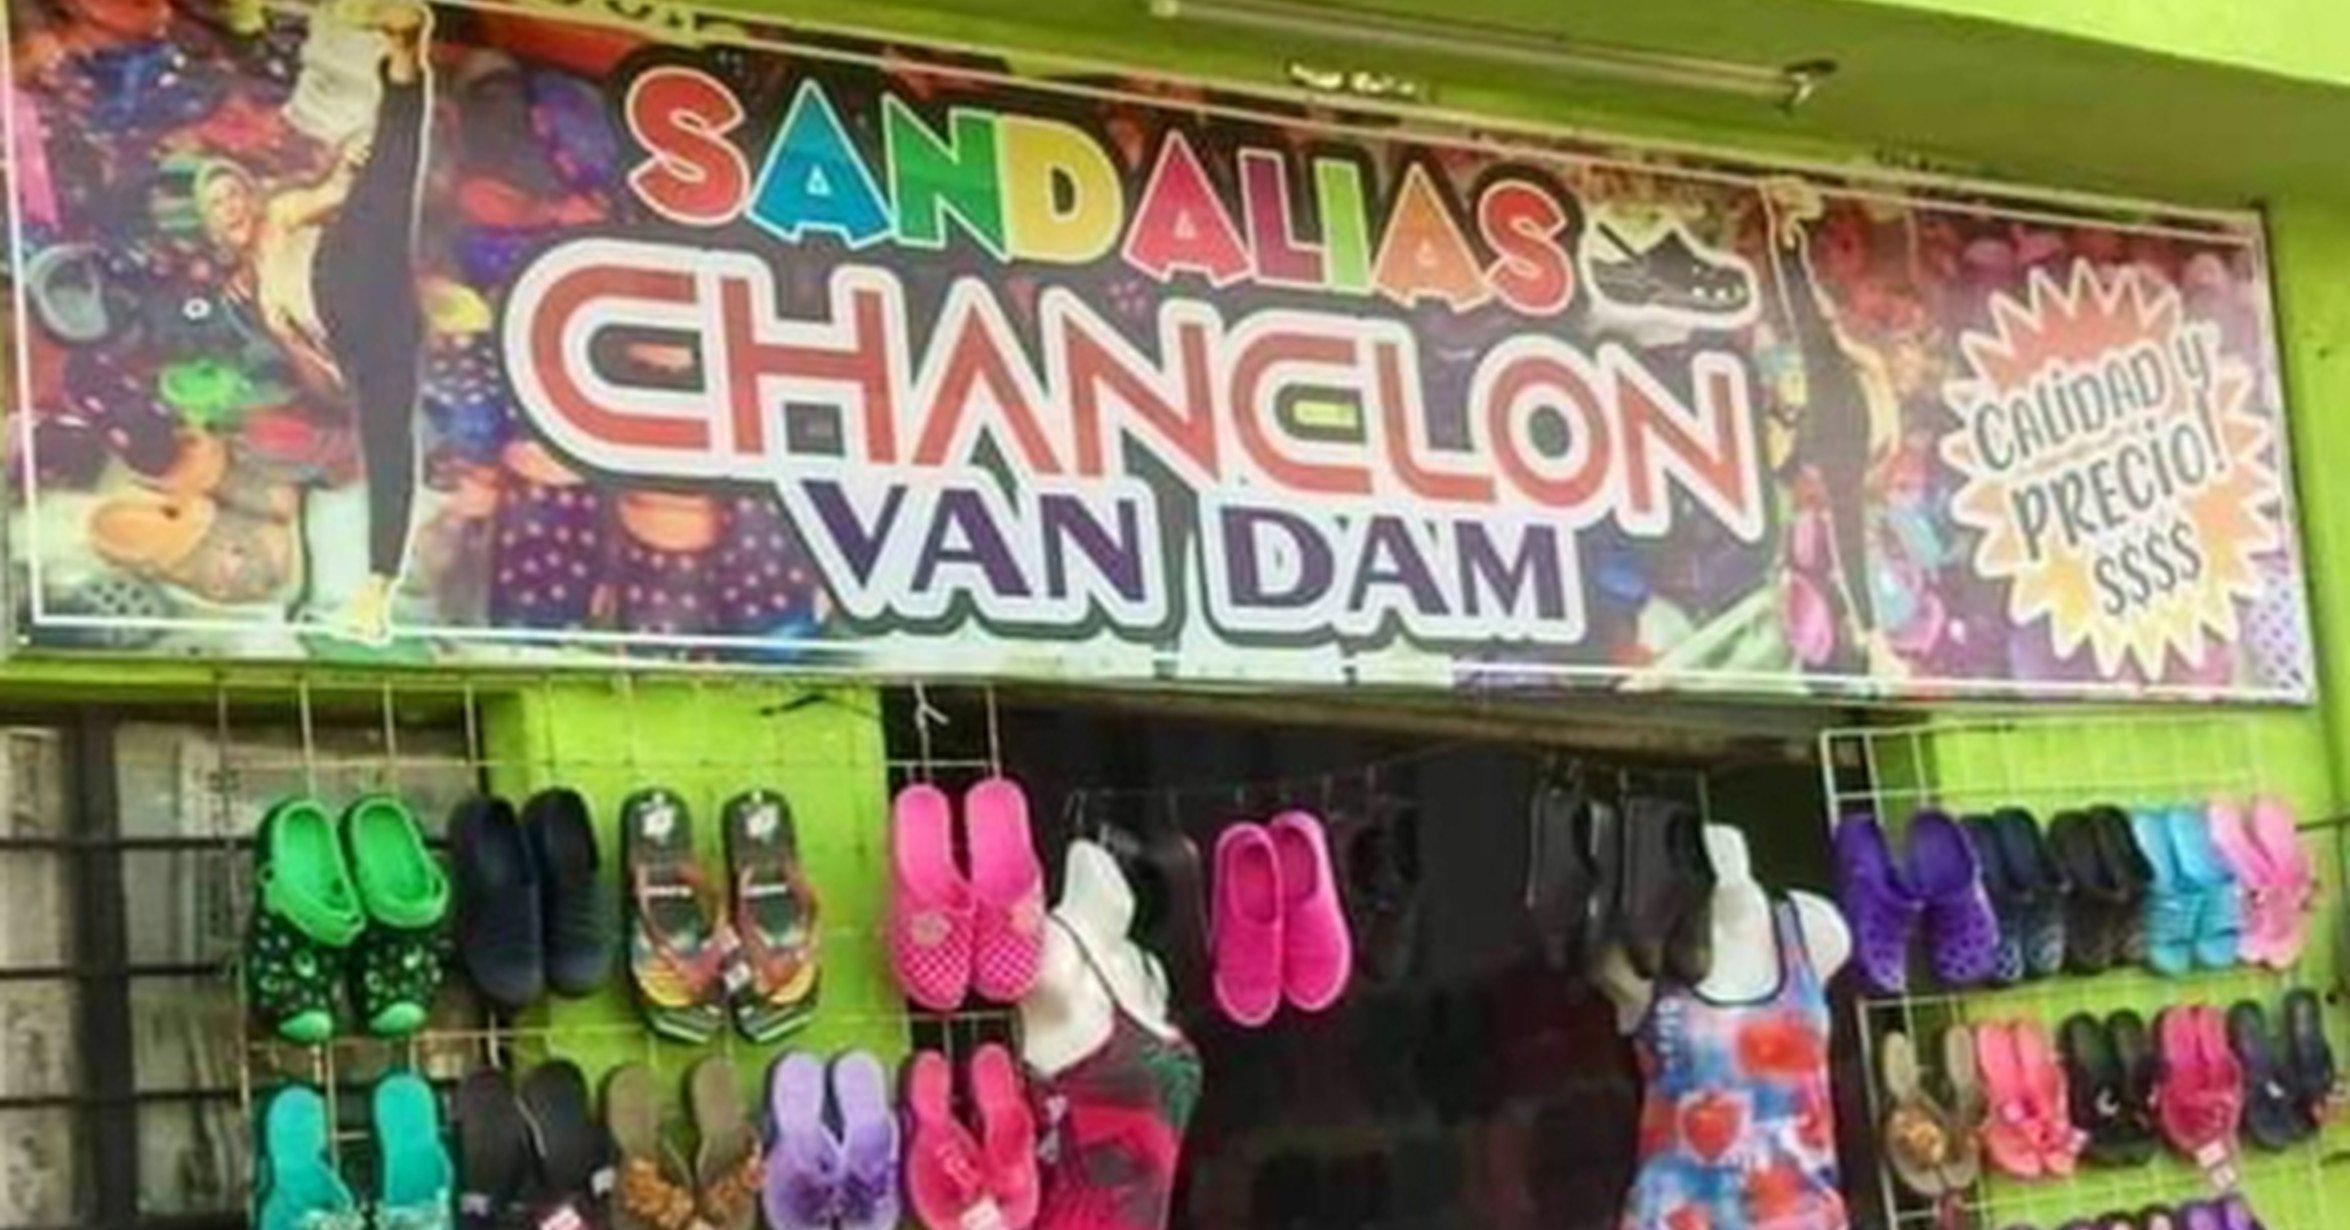 chanclon van dam